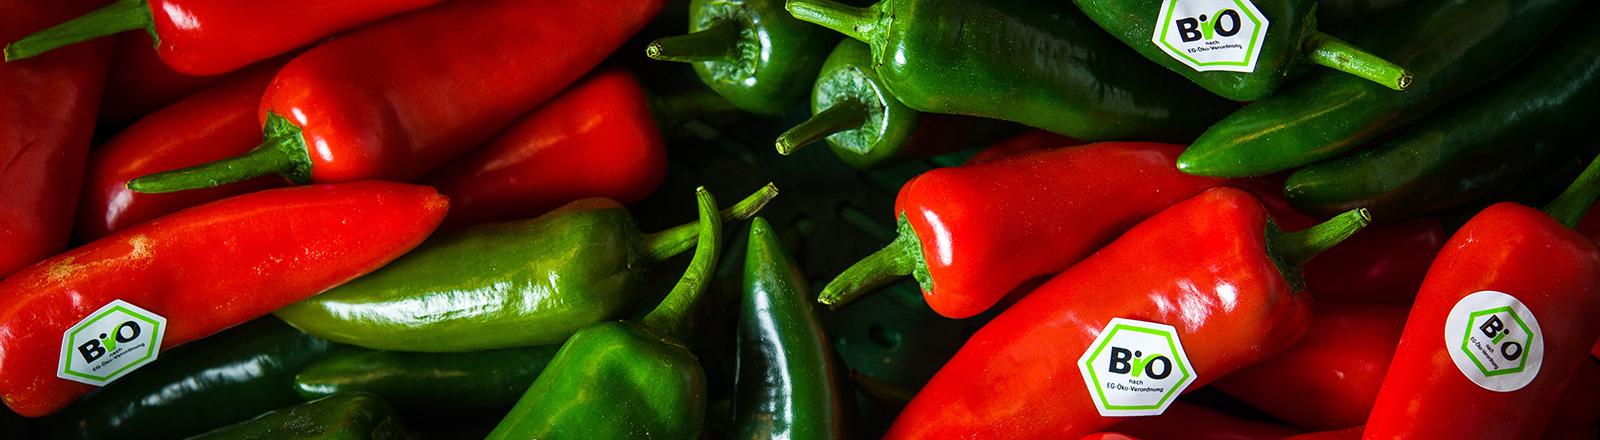 Rote und grüne Peperonies liegen nebeneinander; an einzelne klebt ein Bio-Siegel